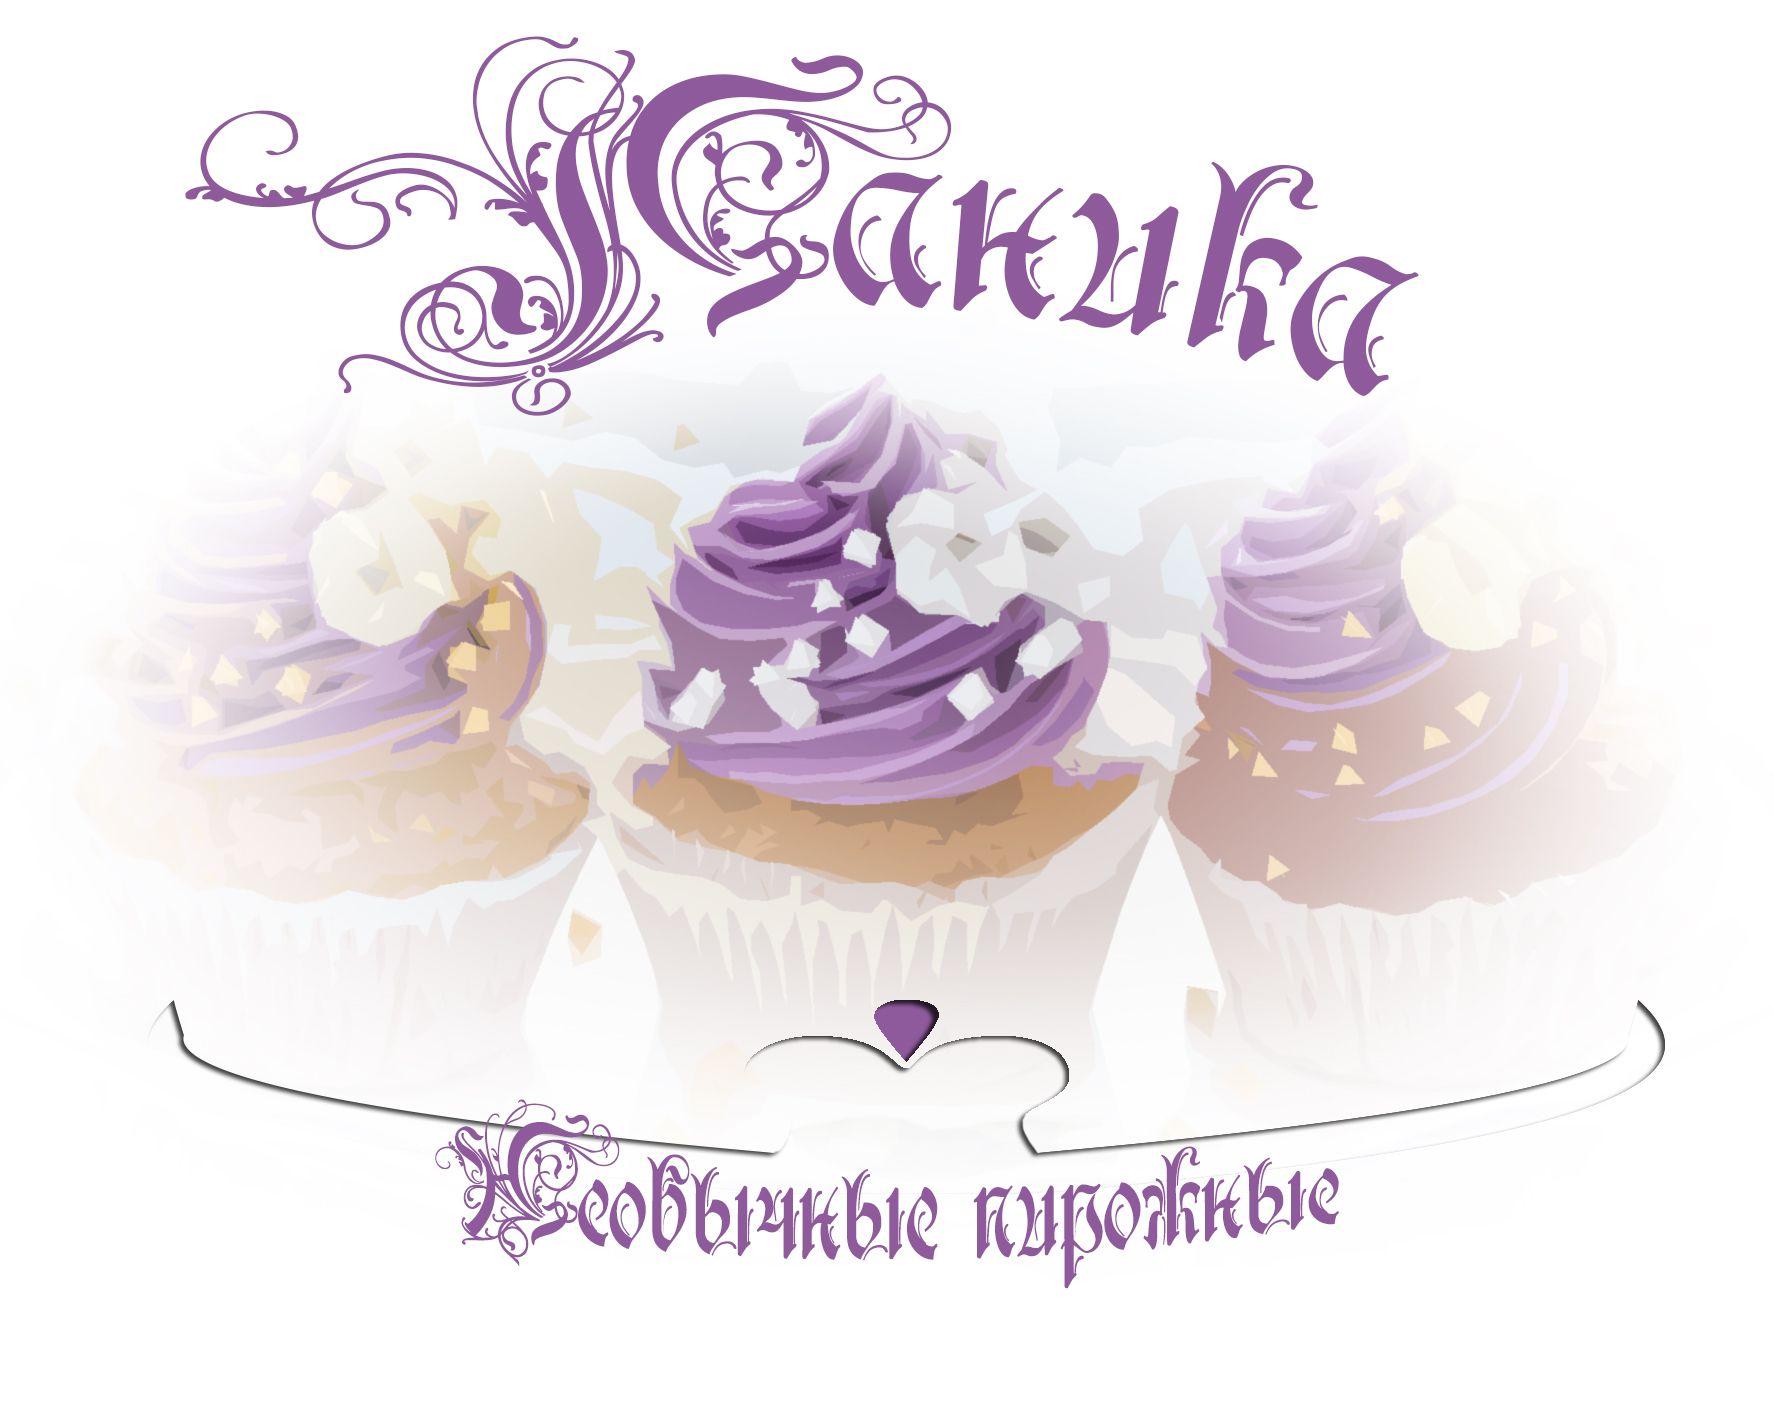 Лого ИМ тортов,пирожных и печенья ручной работы - дизайнер ilyaweb